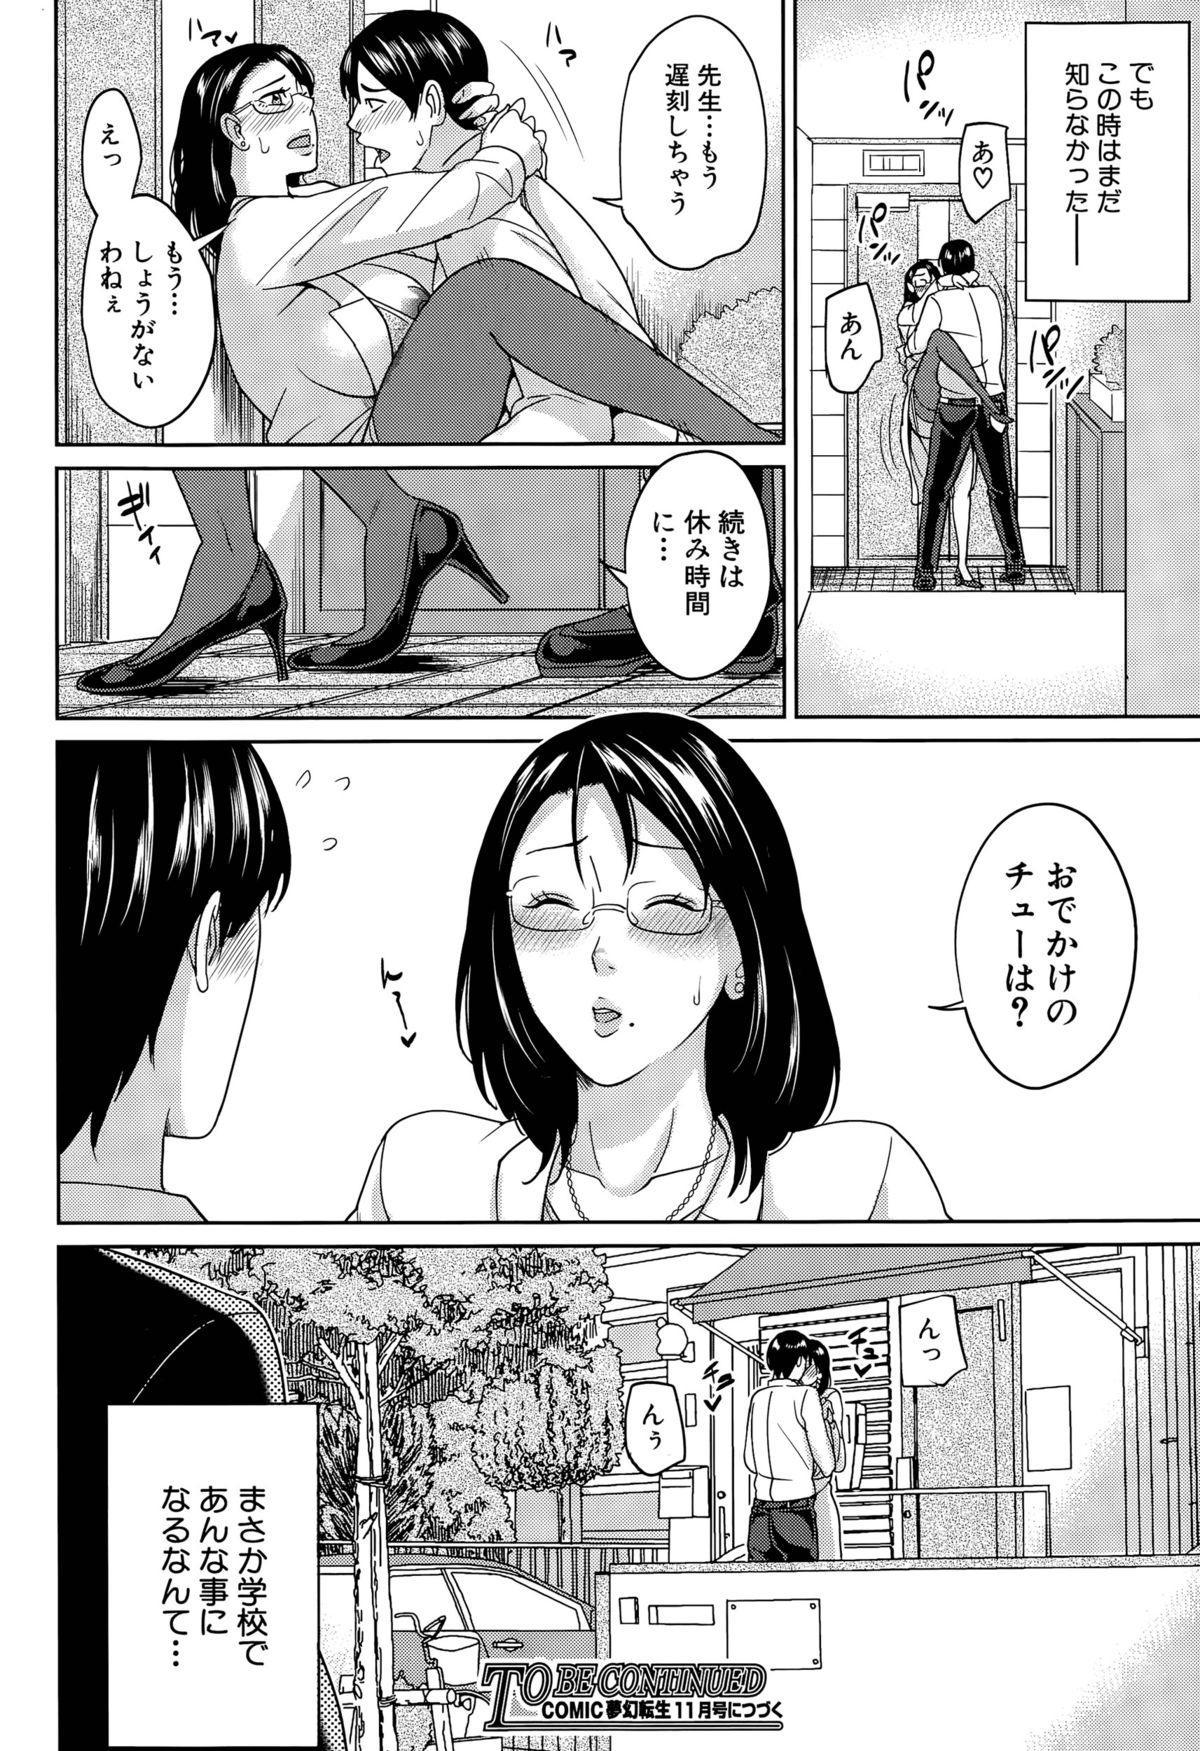 Kyouko Sensei to Boku no Himitsu 59